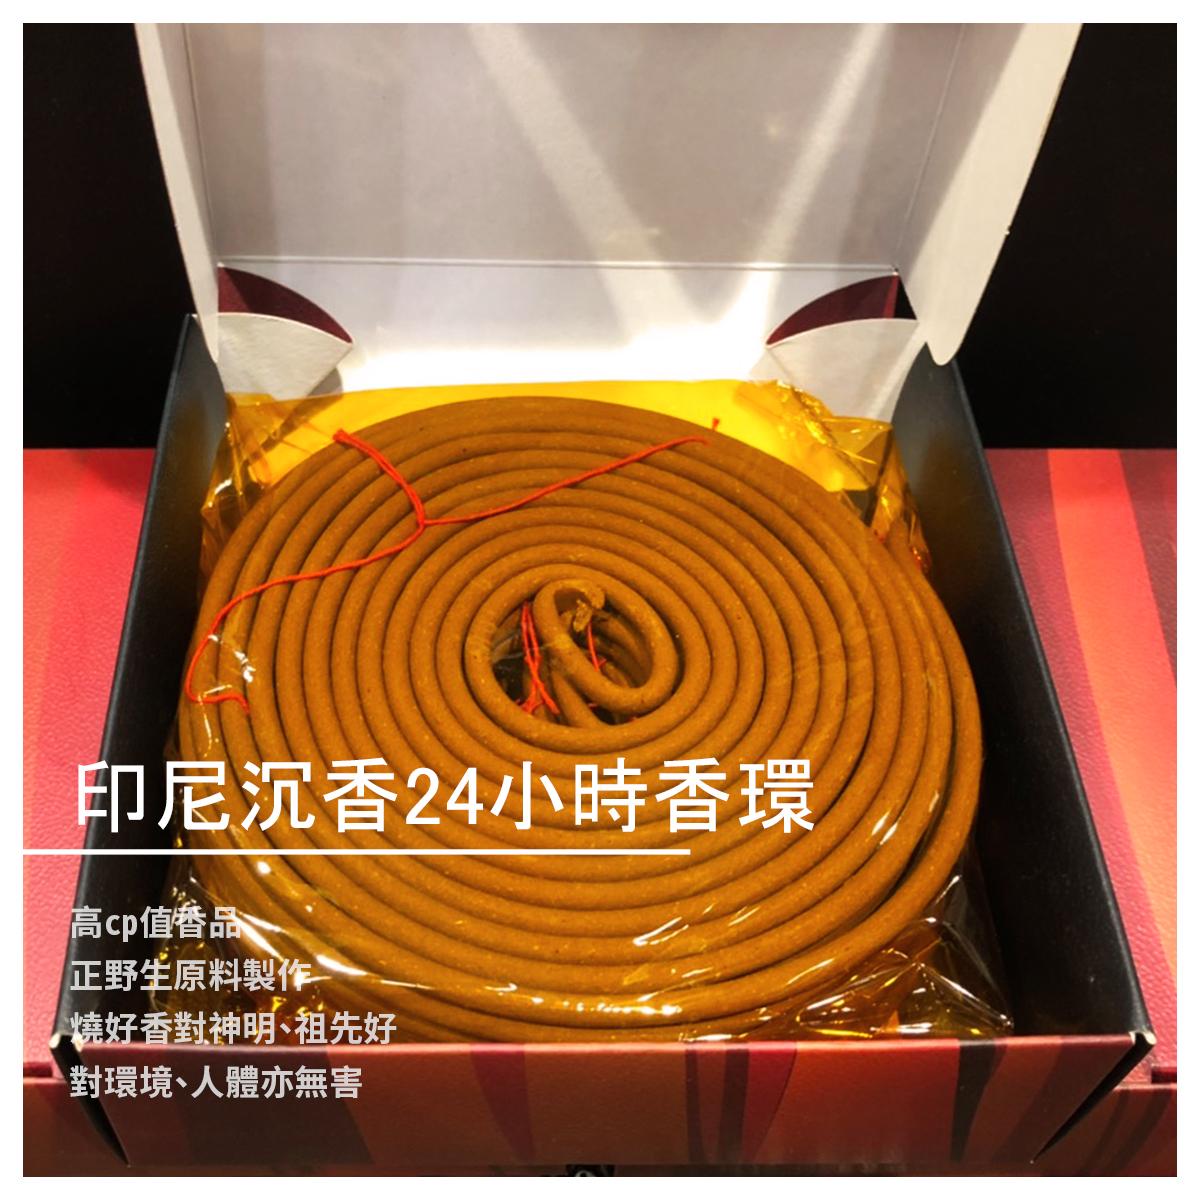 【合億沉香】印尼沉香24小時香環/盒